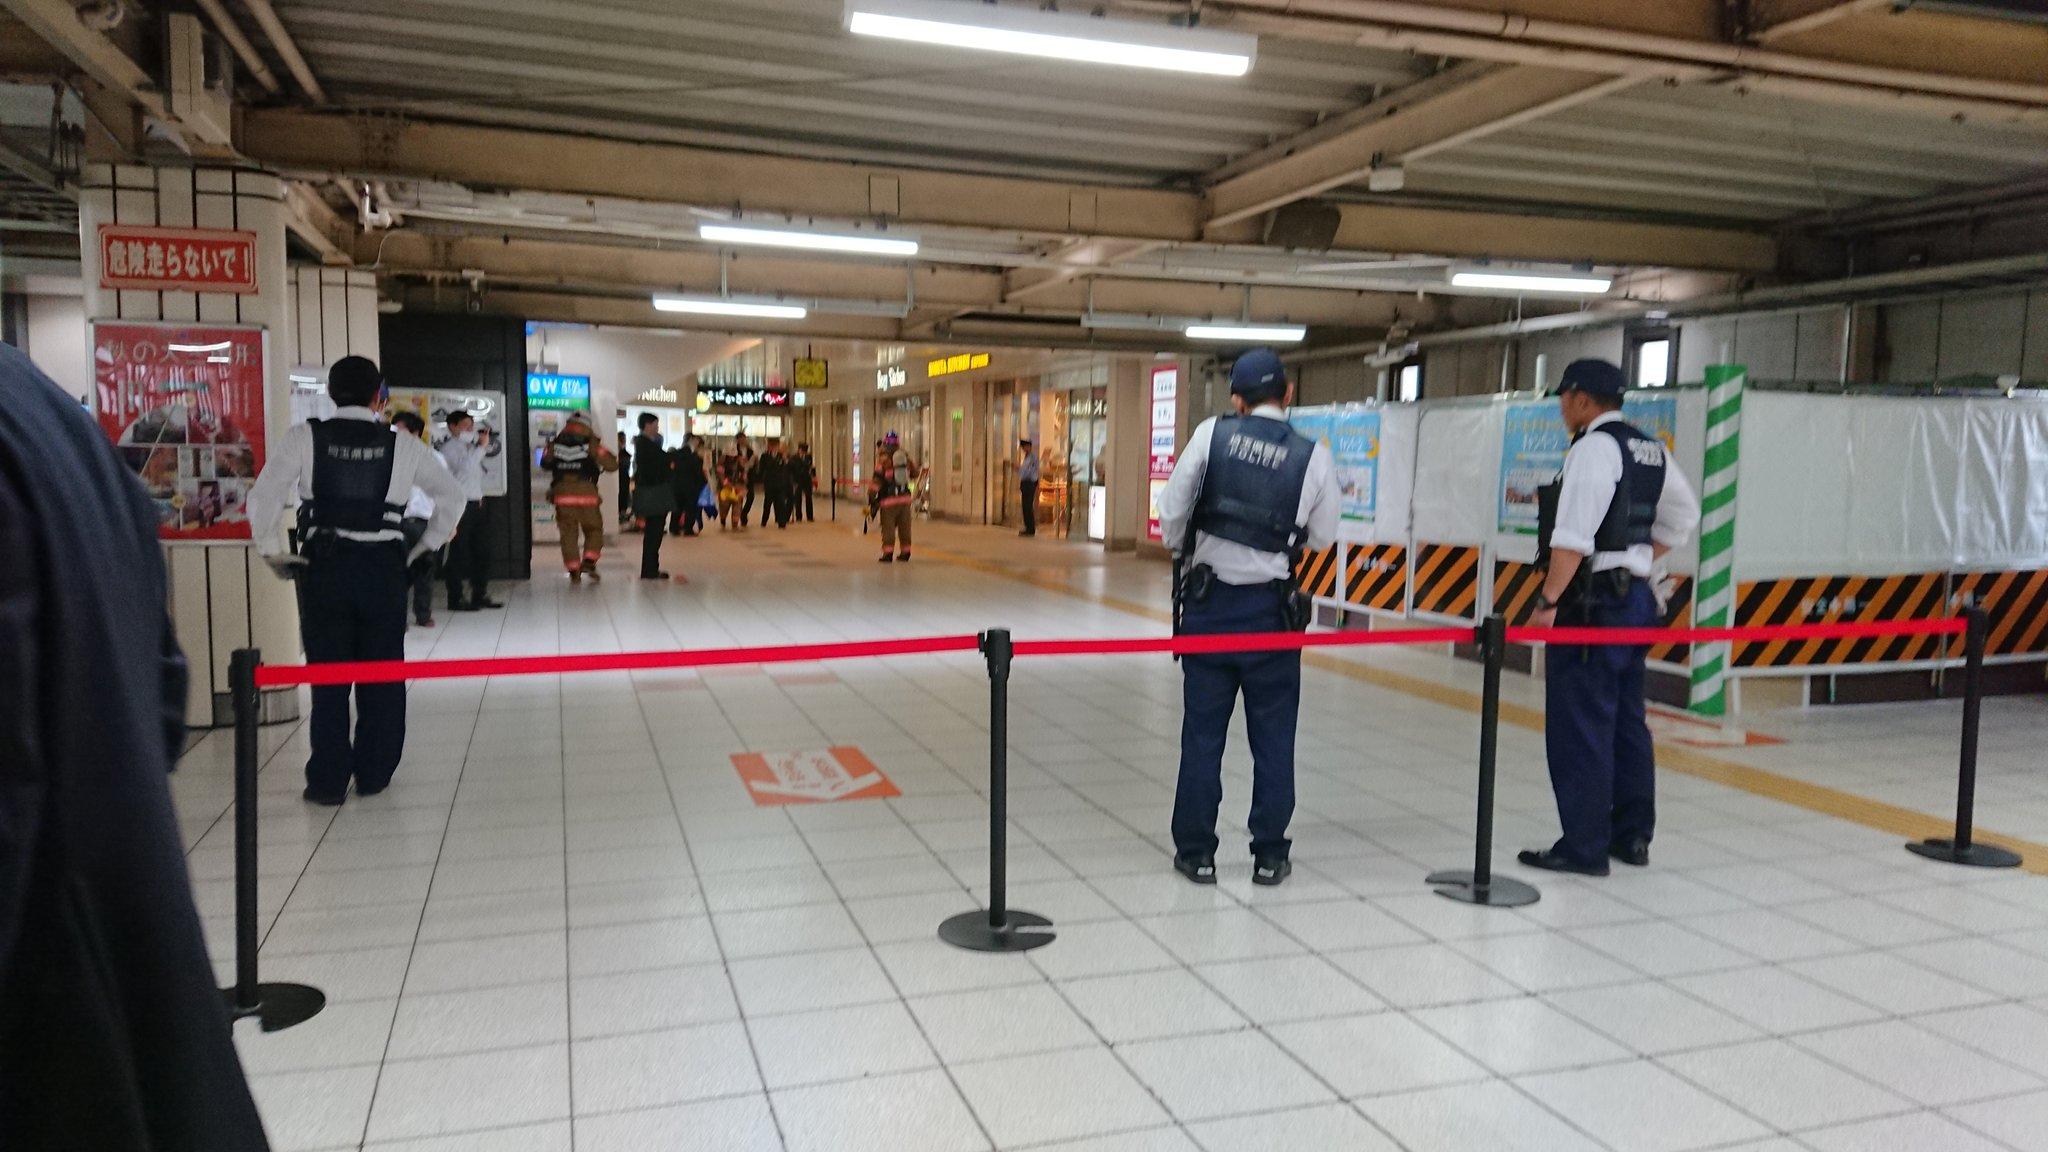 武蔵浦和駅の不審物騒ぎの現場の画像